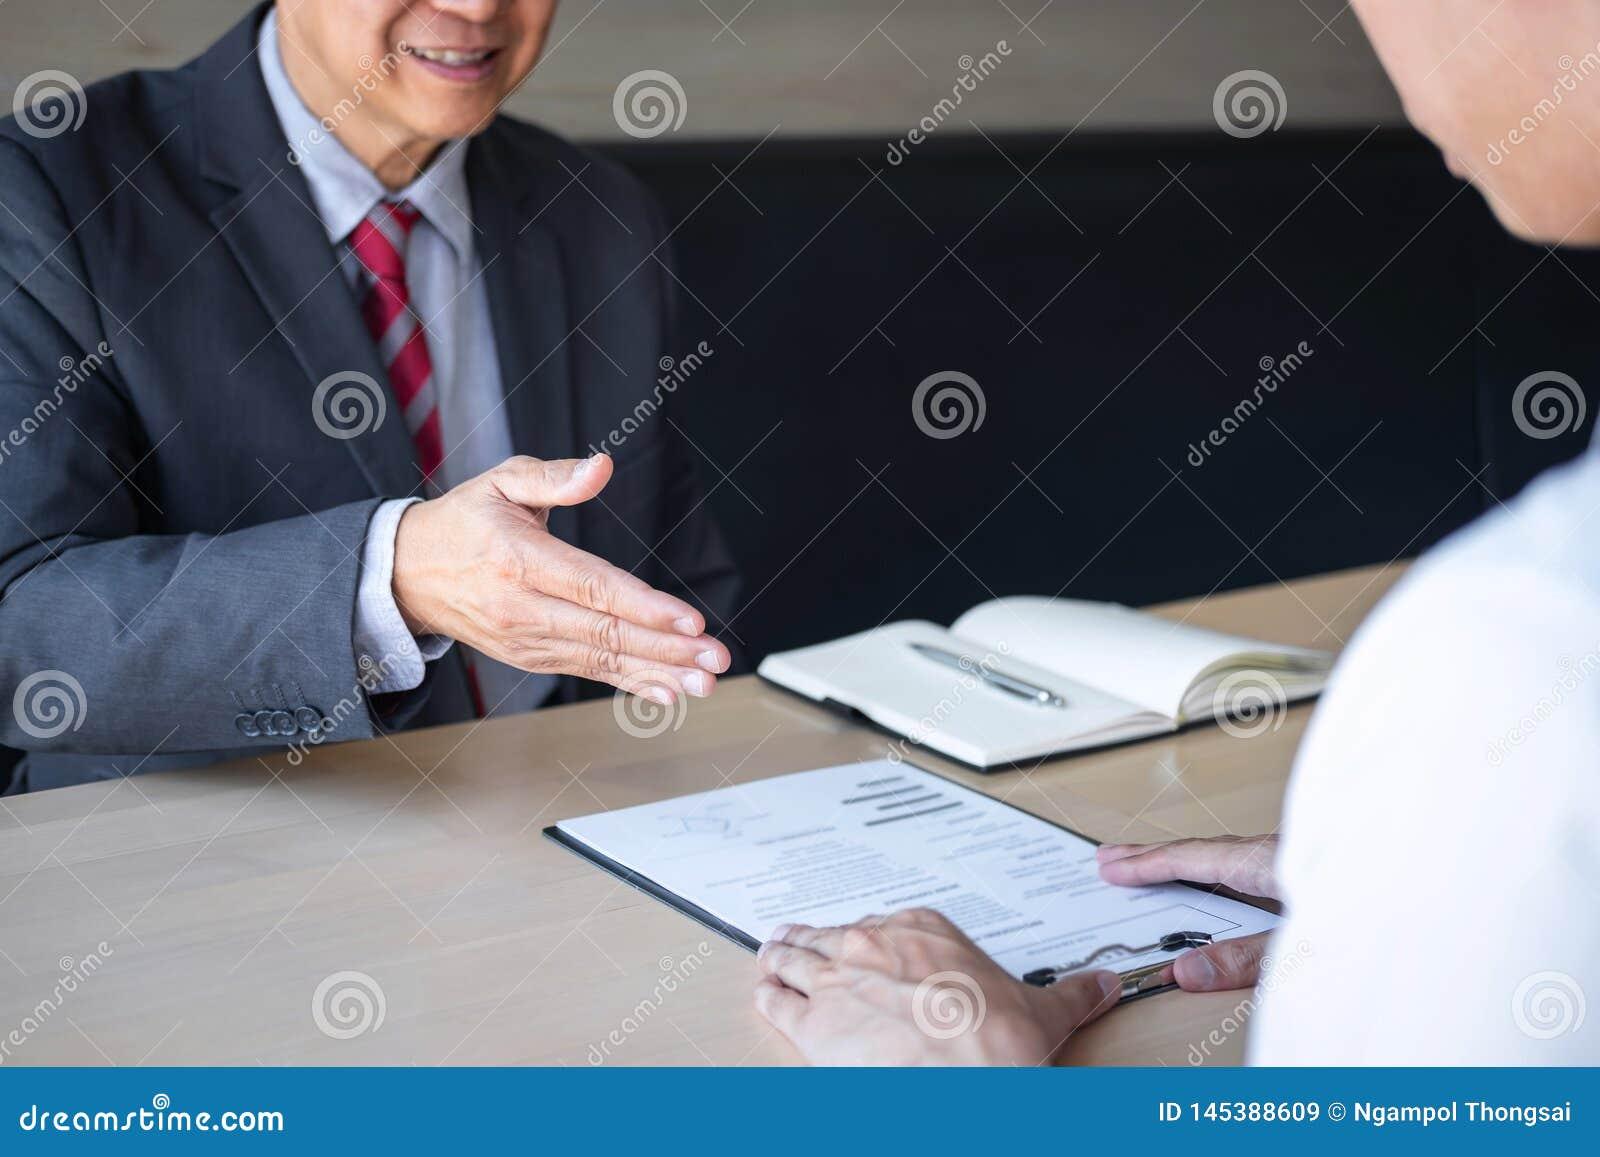 La tenencia del patr?n o del reclutador que lee un curriculum vitae durante alrededor coloquio su perfil del candidato, patr?n en